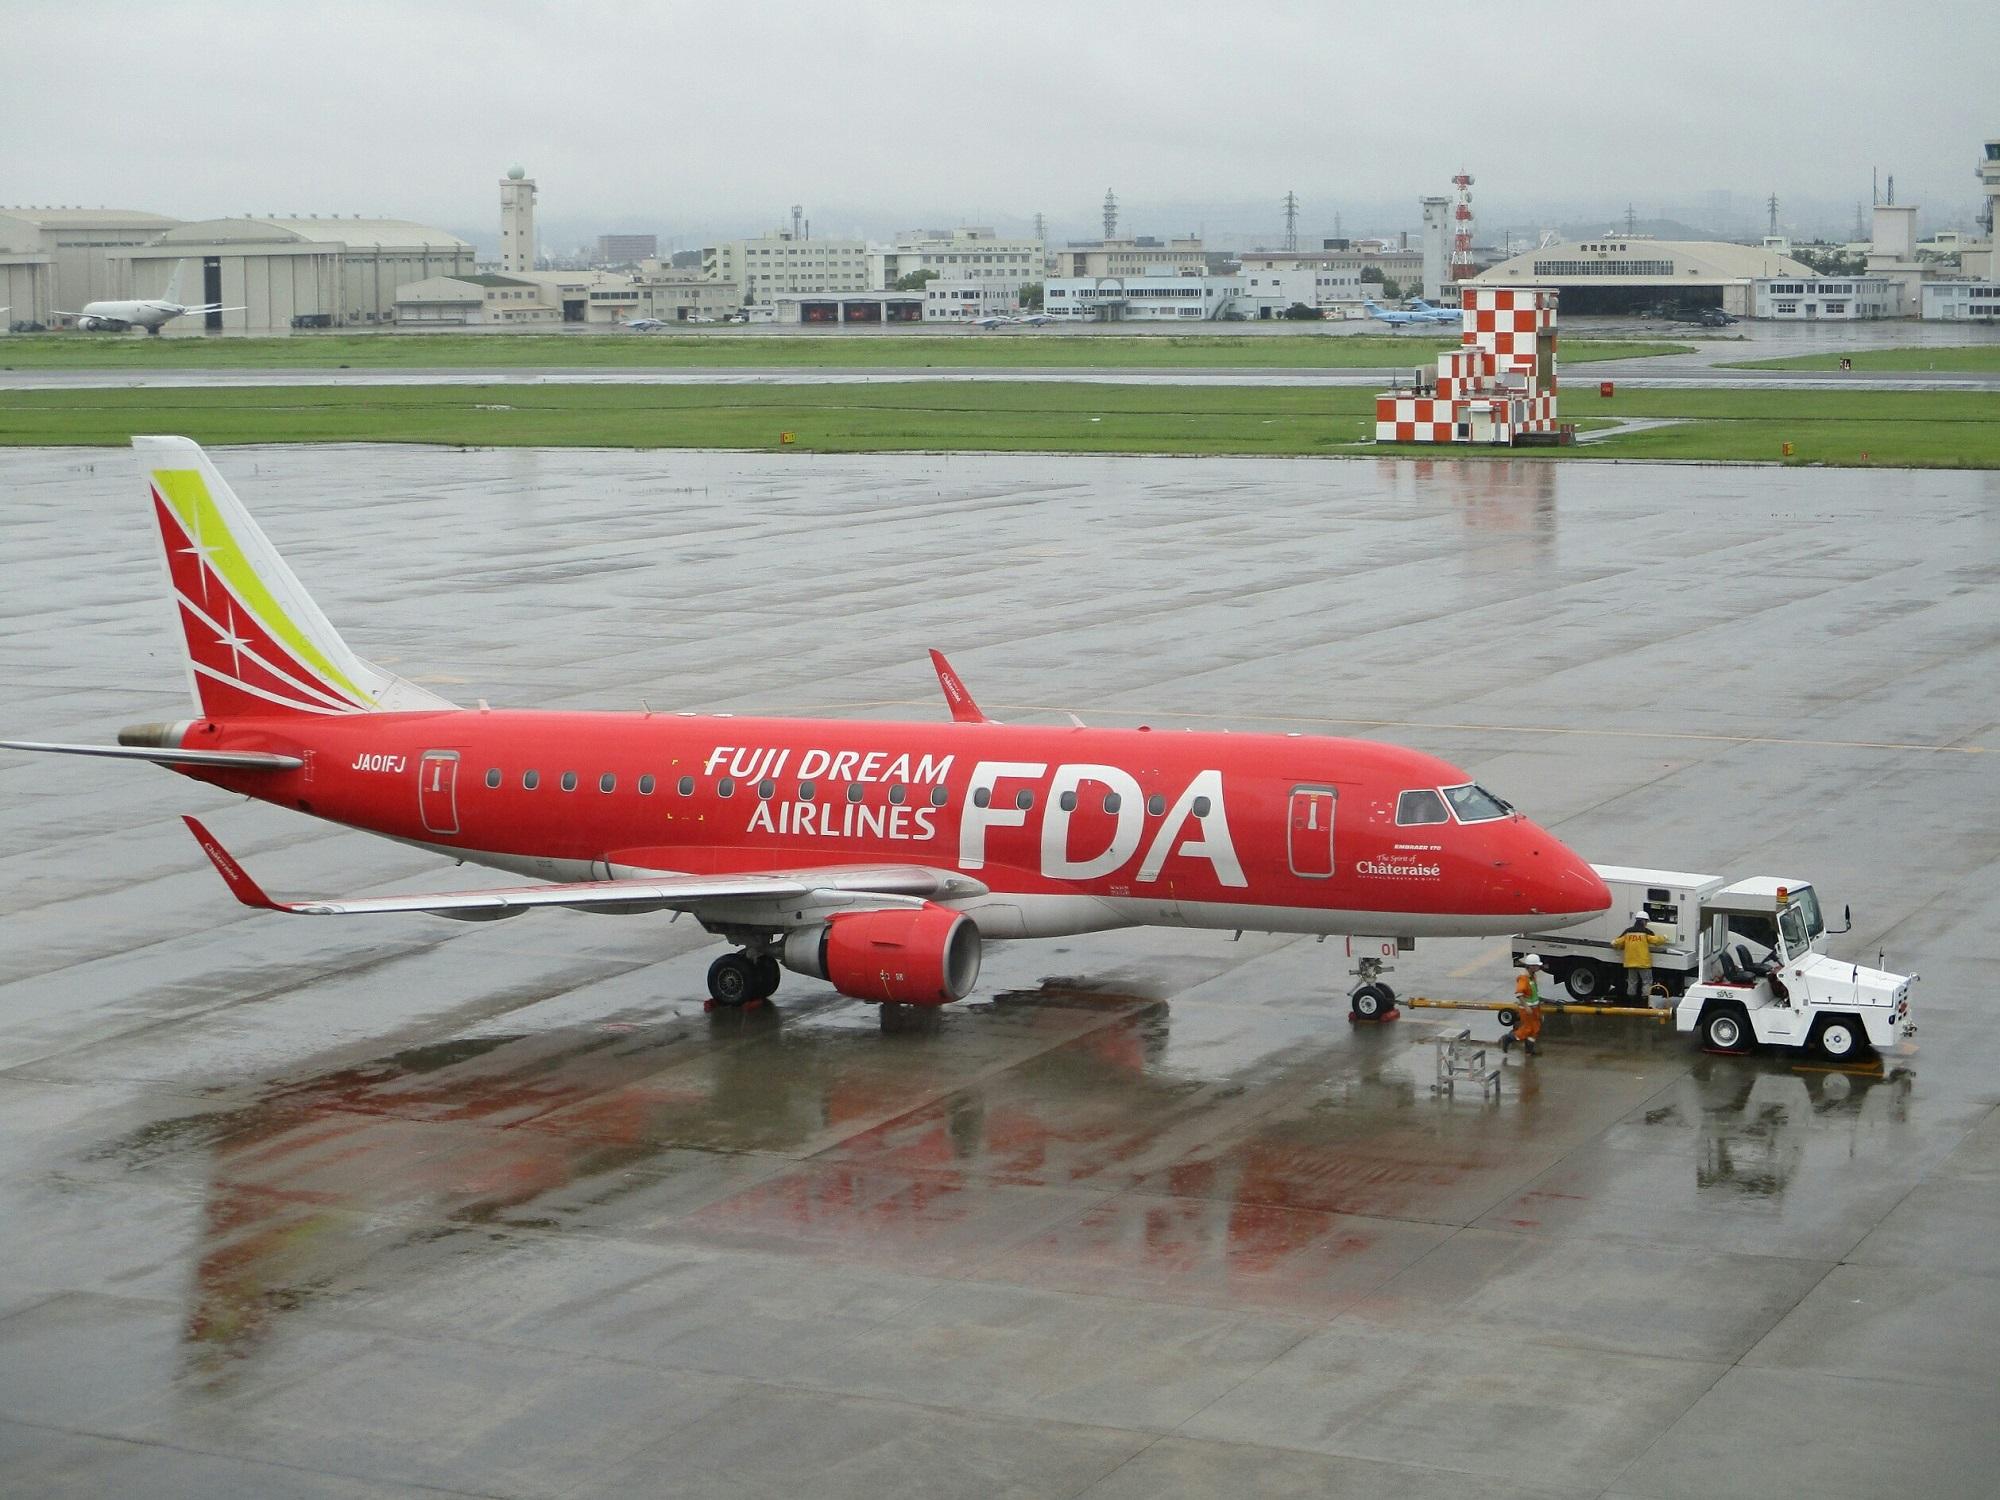 2018.7.6 (7) 名古屋空港 - FDA出雲空港いき 2000-1500